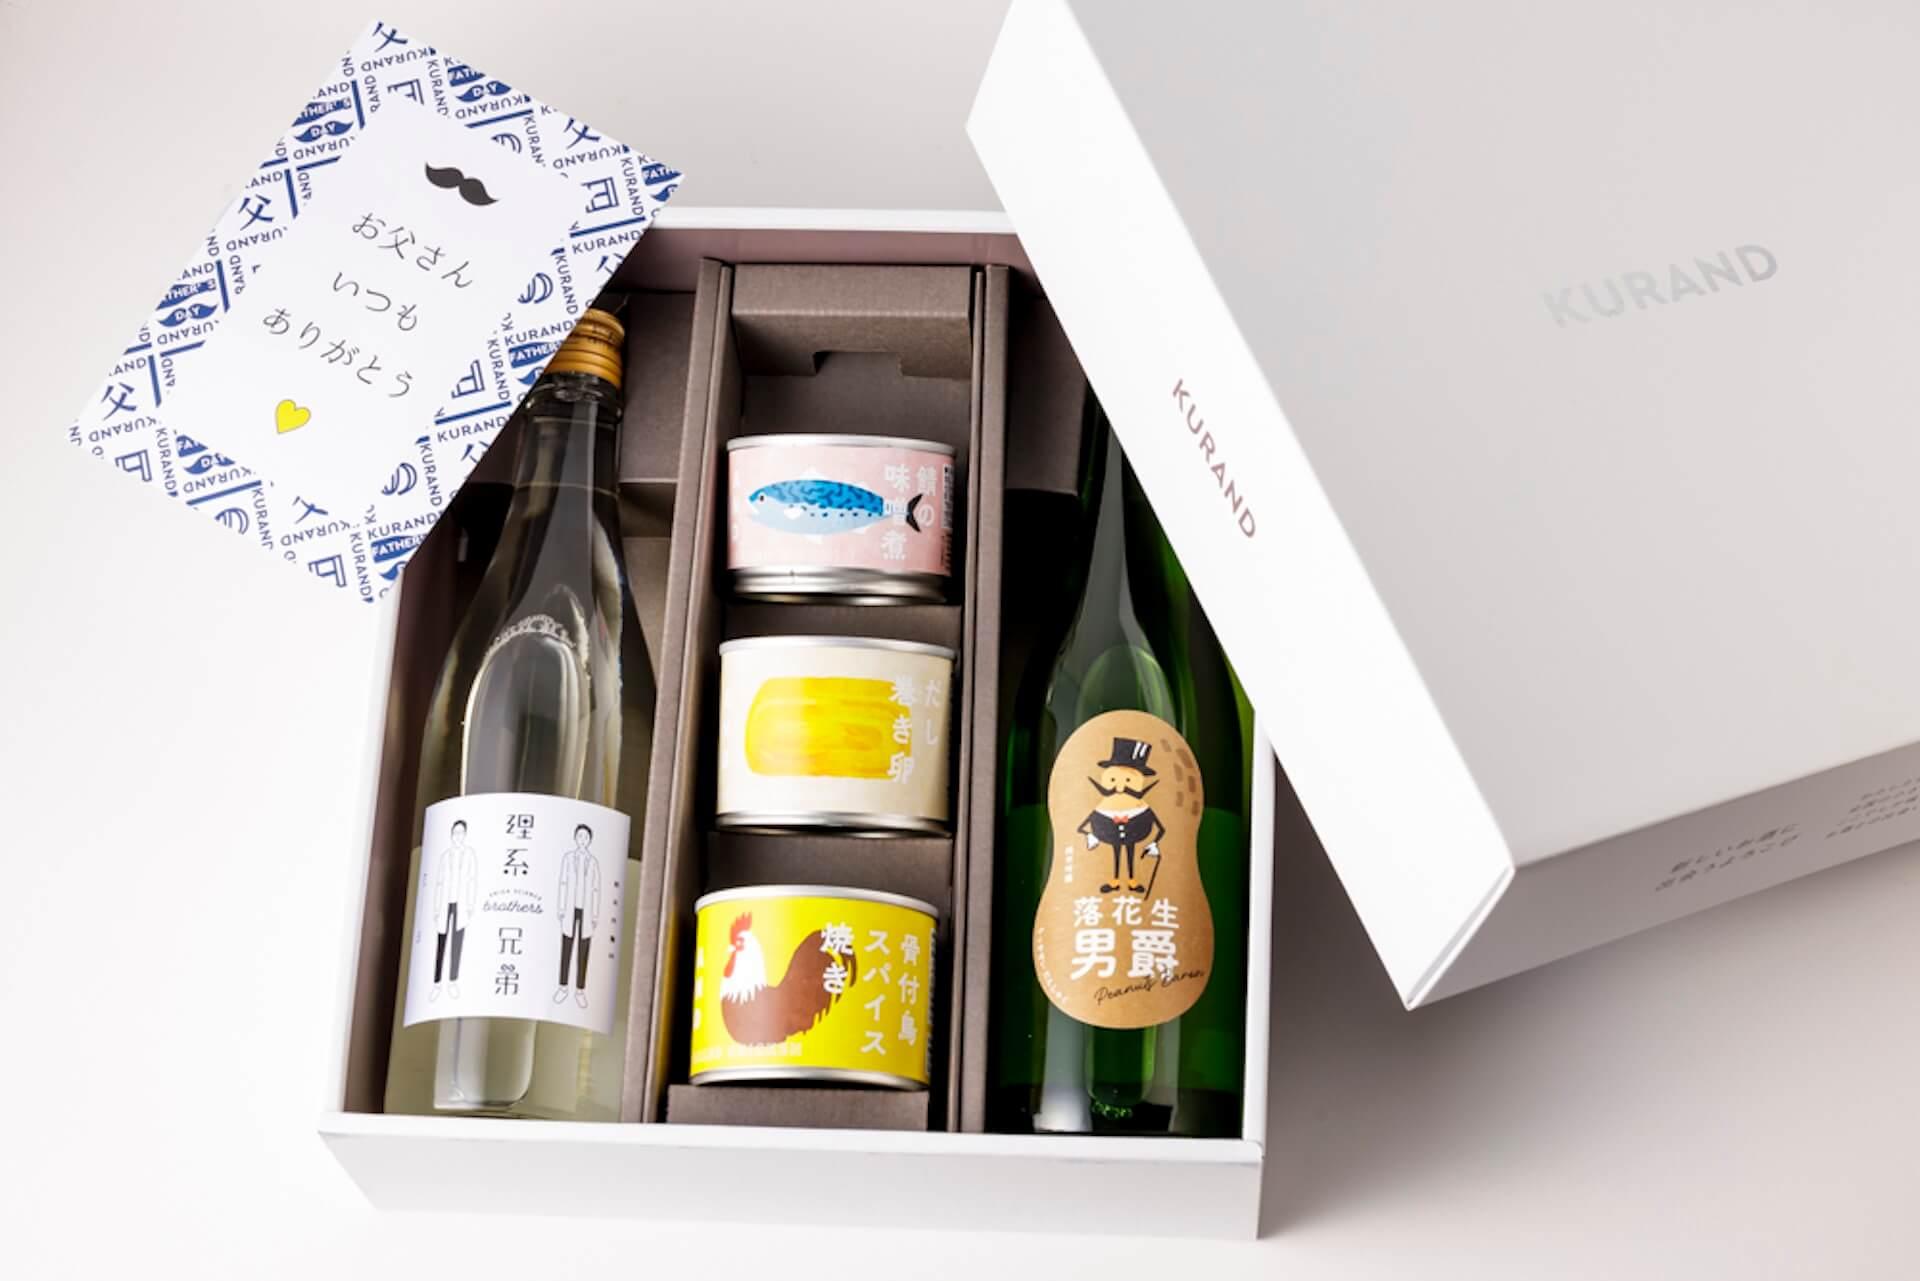 お好みのお酒を選べる「父の日酒ギフト」が登場!ビール・日本酒の飲み比べやプロが選ぶおつまみセットも gourmet_fathersdaygift_04